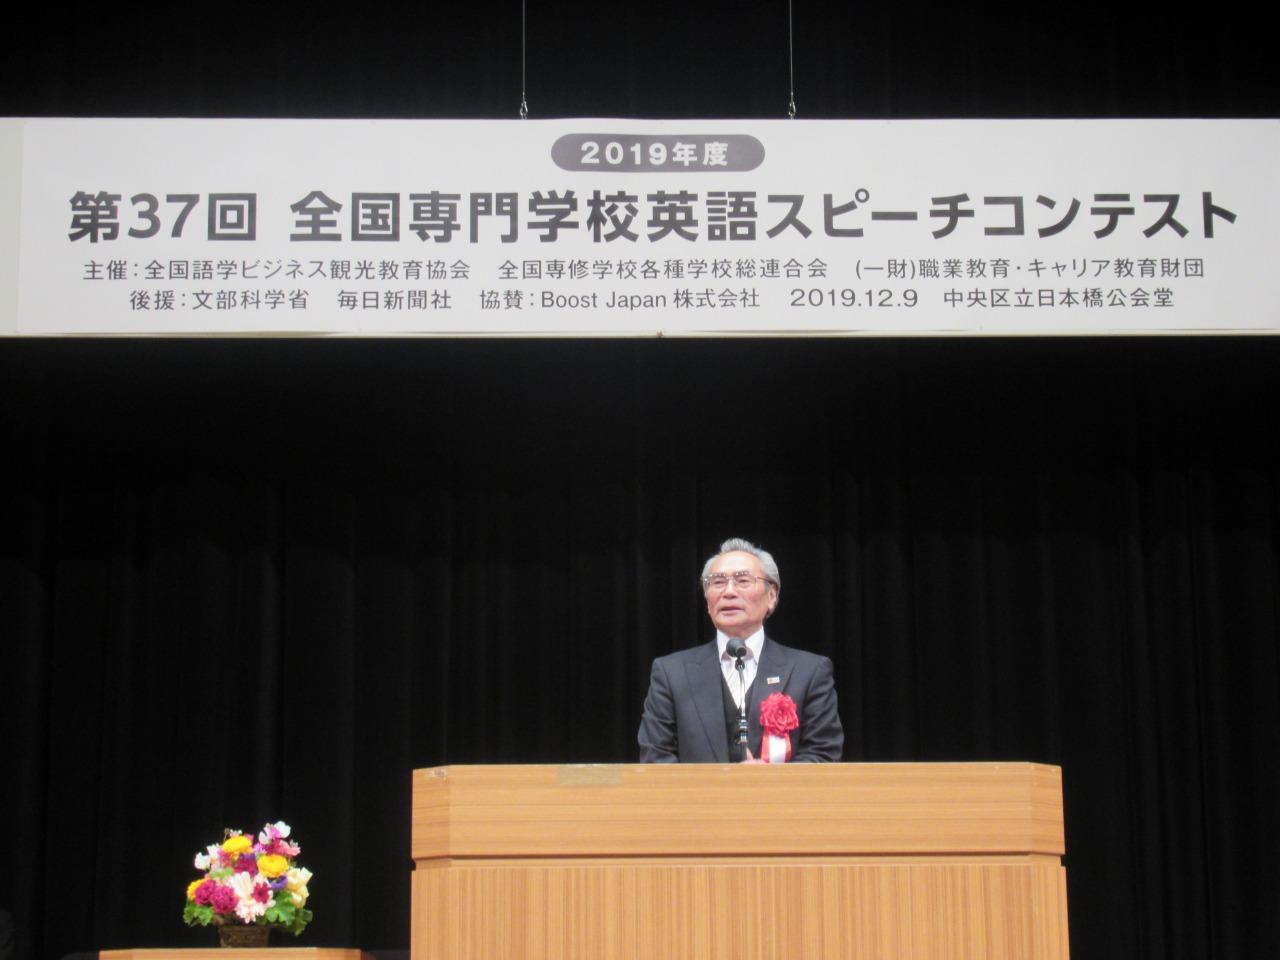 全国語学ビジネス観光教育協会石塚勉理事長